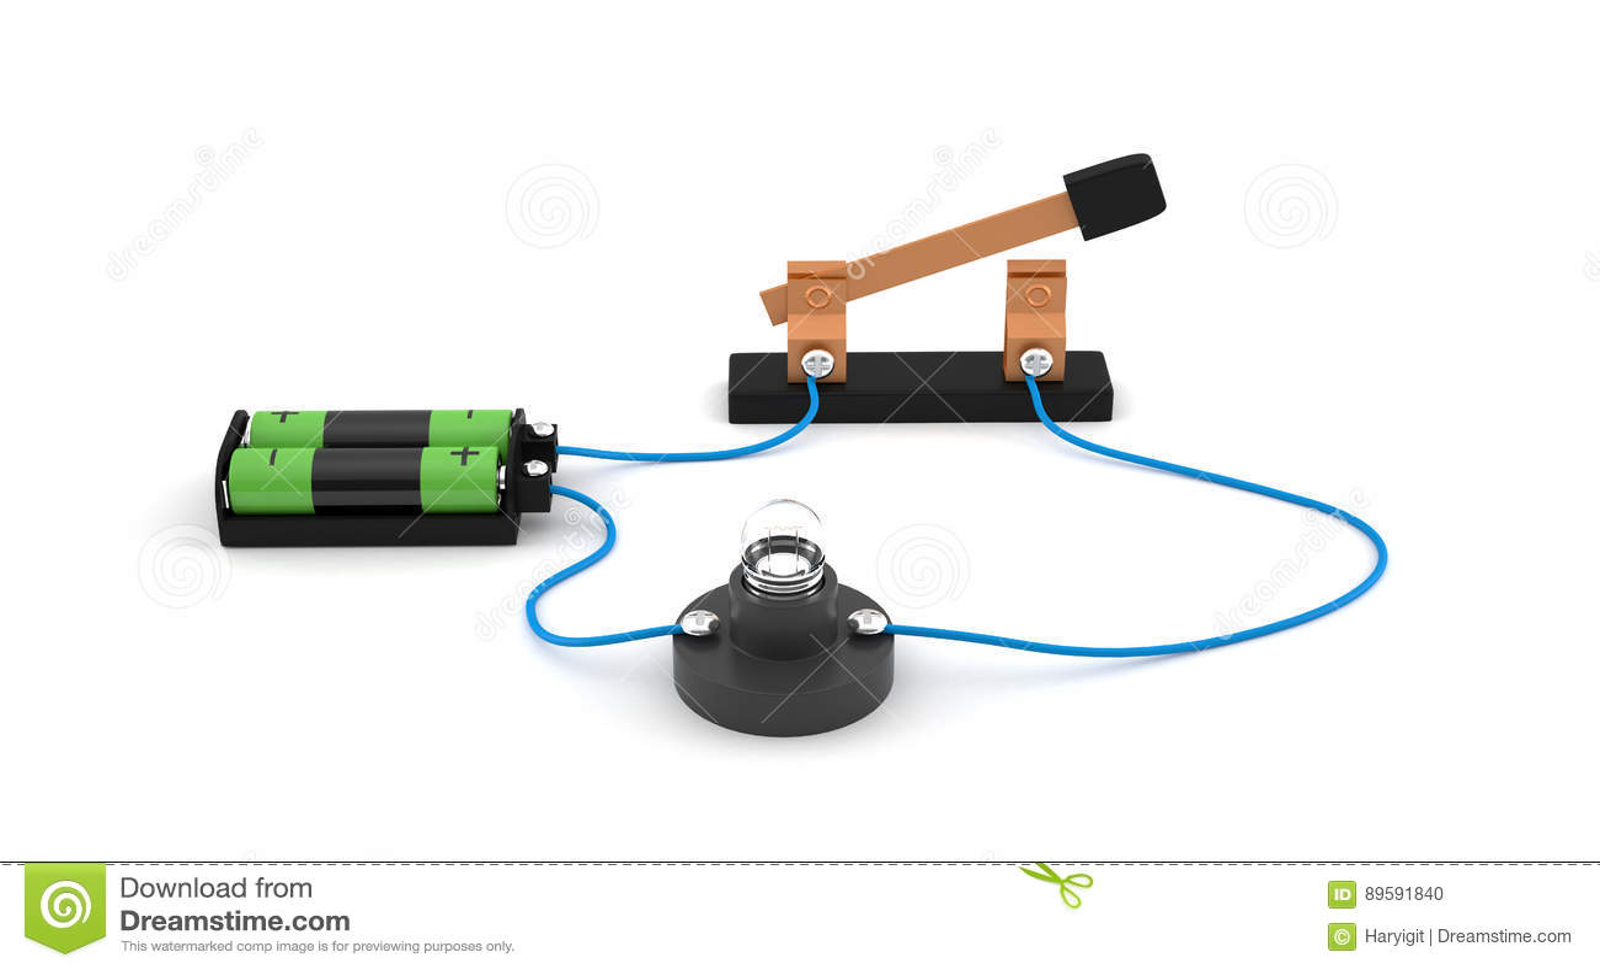 Circuito Que Tenga Un Interruptor Una Pila Y Una Bombilla : Interruptor abierto de la demostración del circuito